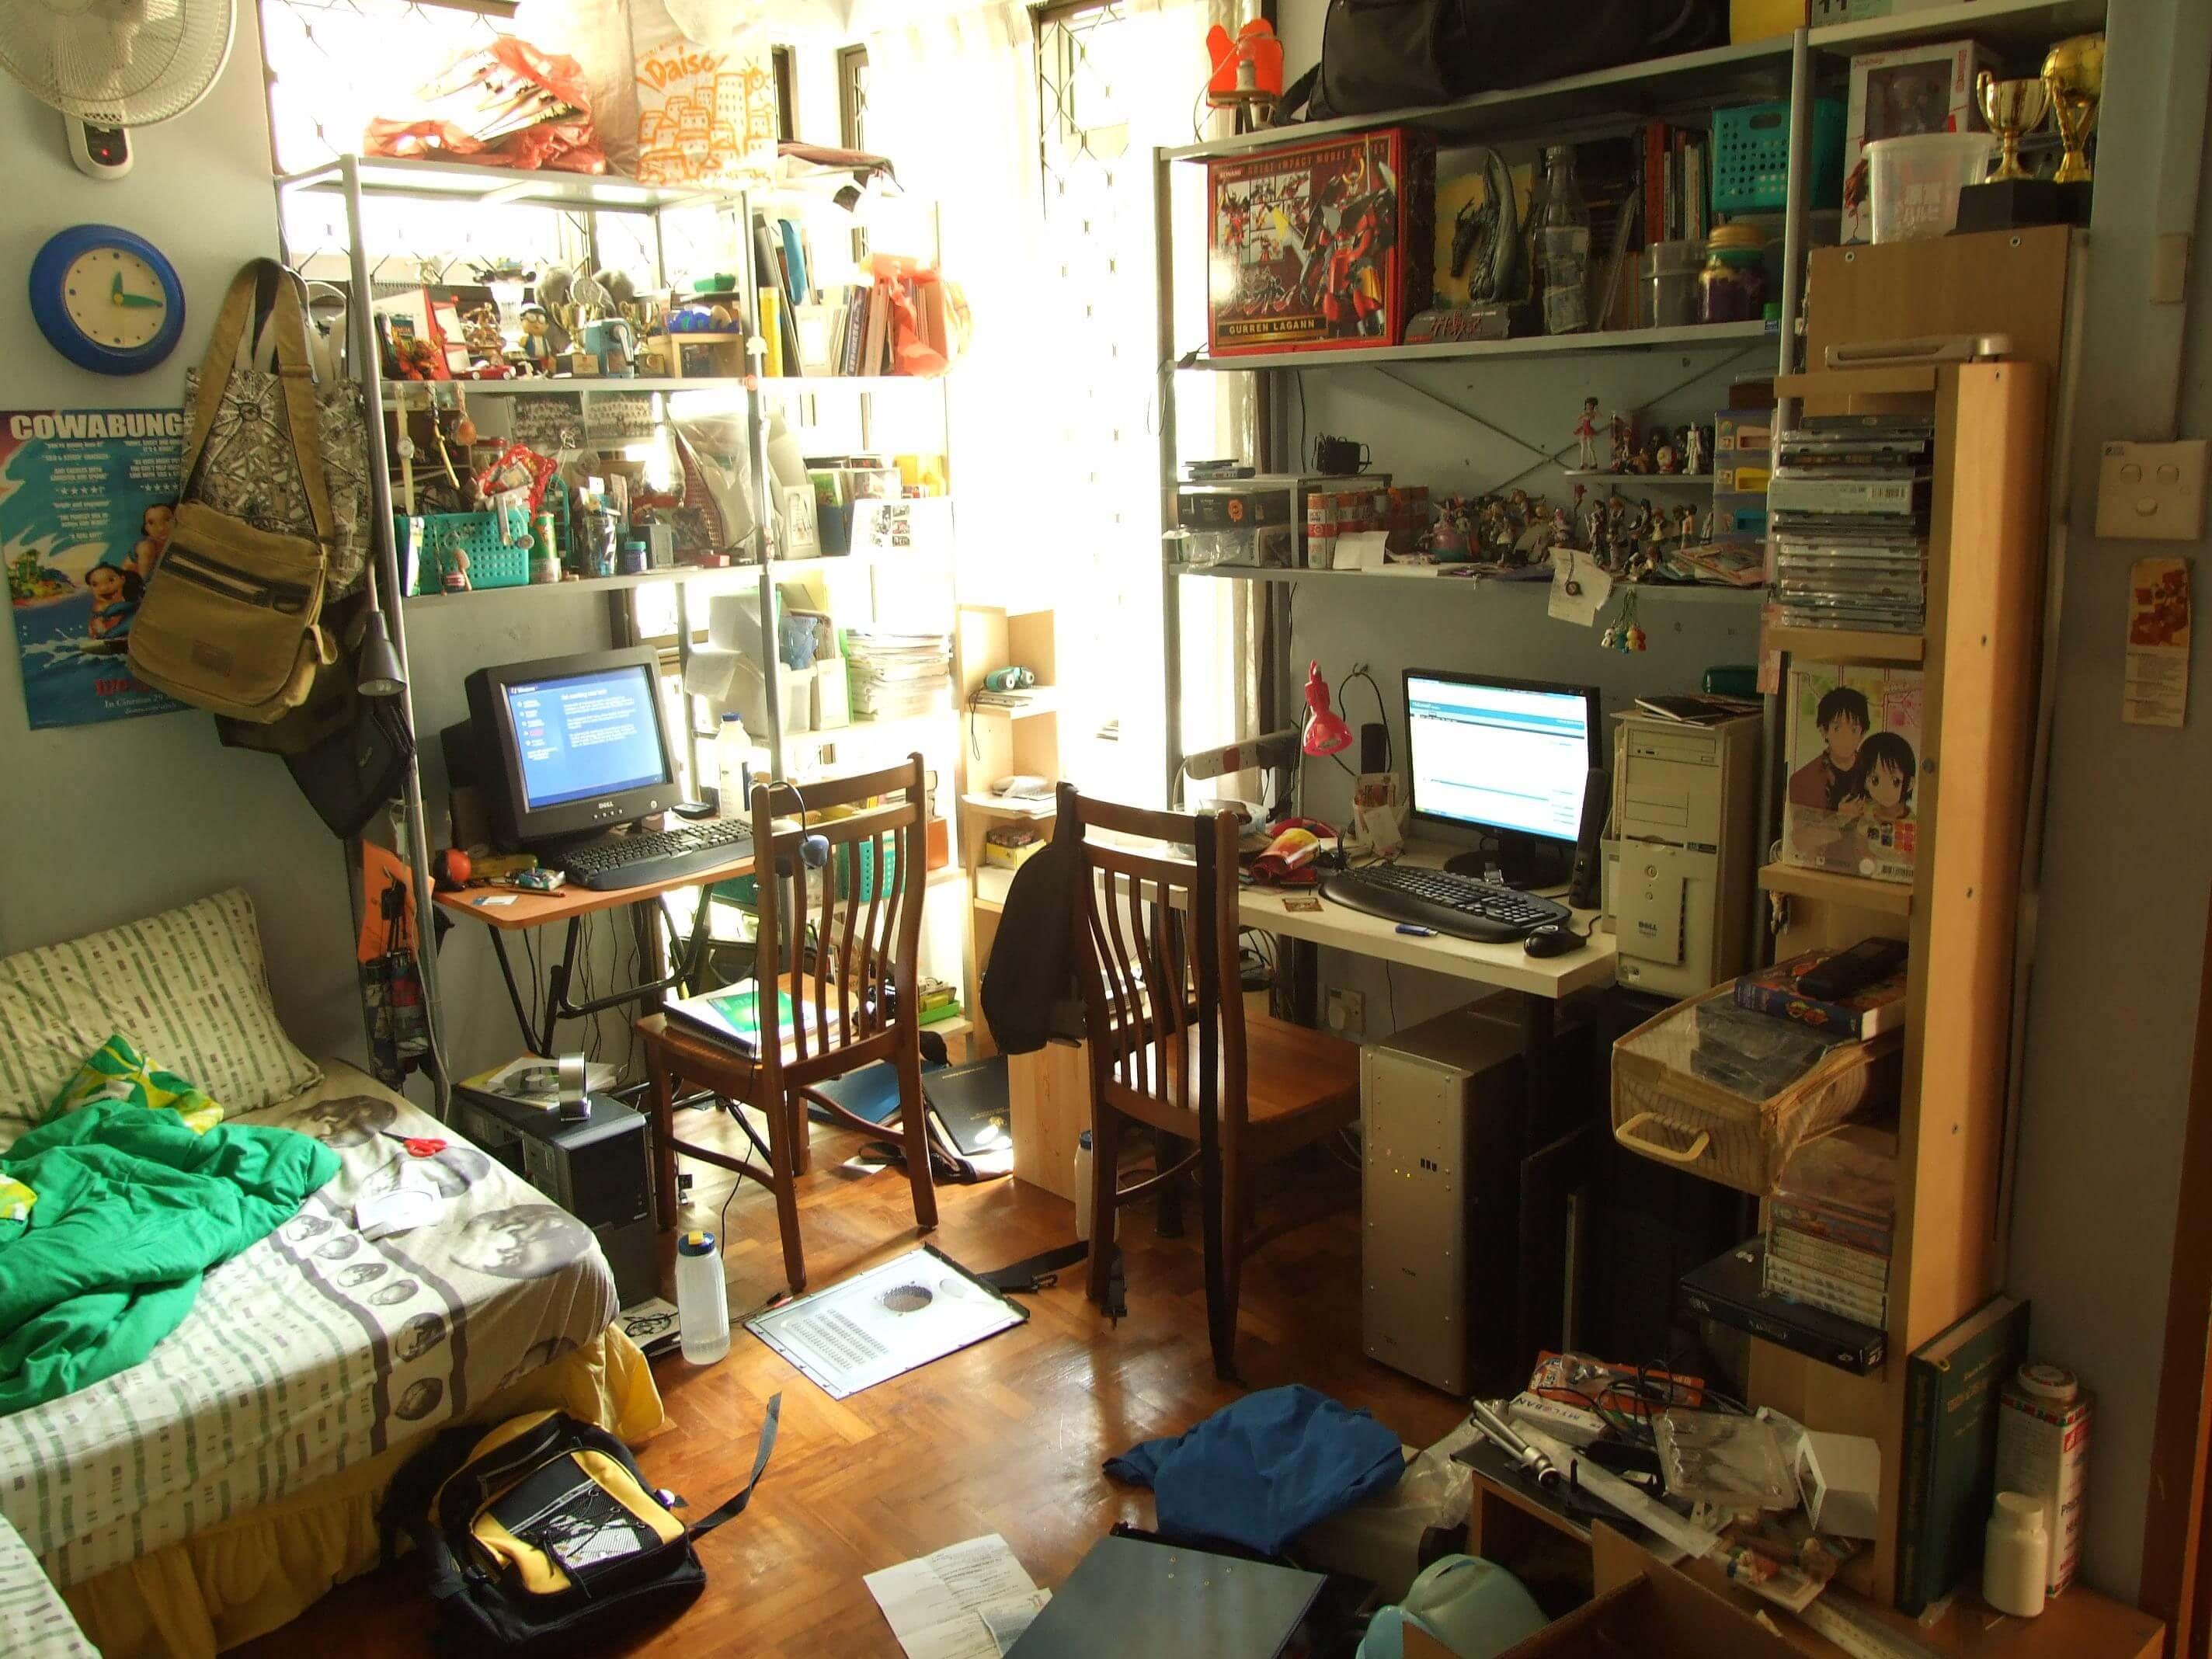 Risultati immagini per Avere un eccesso di oggetti nella stanza, oltre al disordine